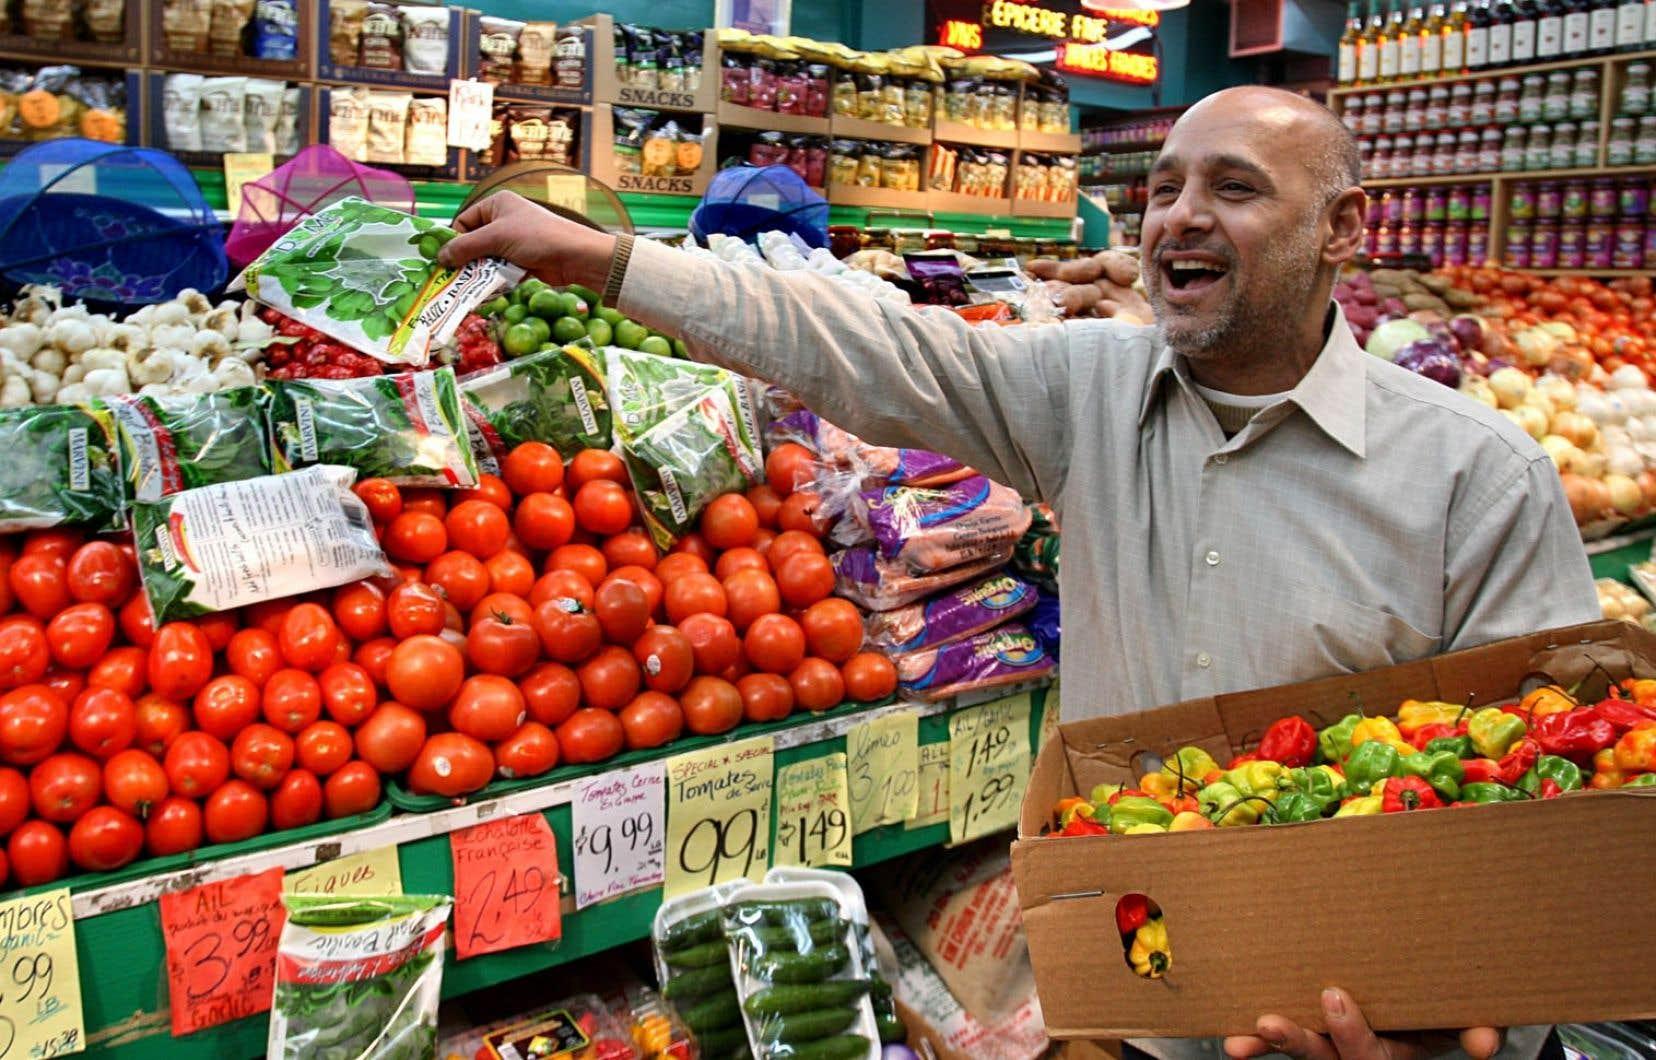 Massivement, les PME sont, pour les immigrants, la porte d'entrée sur le marché du travail. Il devient donc important d'étendre les exigences de la Charte de la langue française aux entreprises de 26 à 49 employés et que les entreprises de 10 employés et plus dispensent leurs services en français.